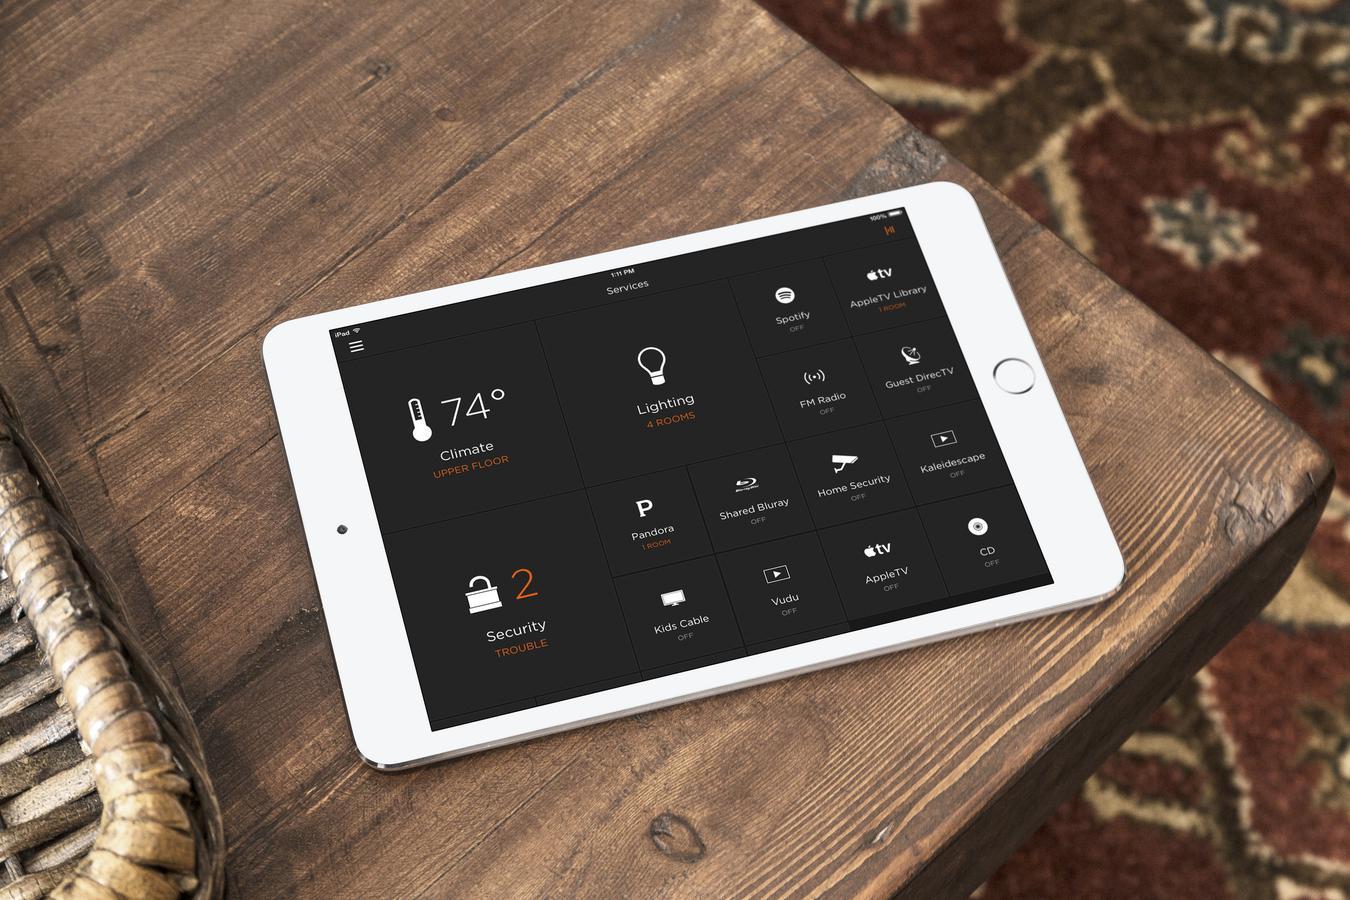 smart home kosten und sicherheit bremsen die verbreitung. Black Bedroom Furniture Sets. Home Design Ideas